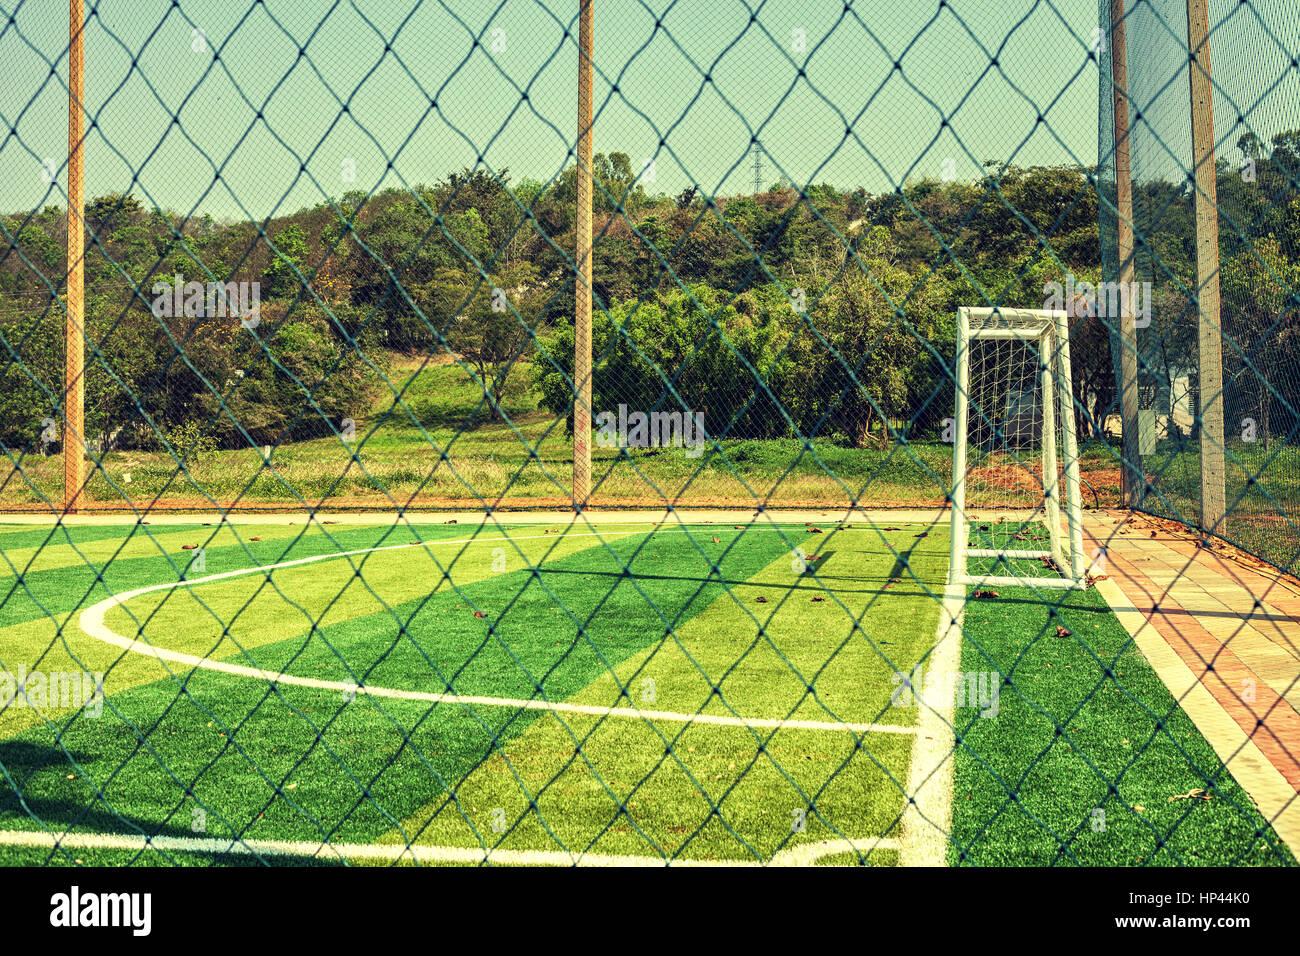 Tappeti Per Bambini Campo Da Calcio : Tappeto campo da calcio. polo sportivo calcio. tappeto erboso. campi